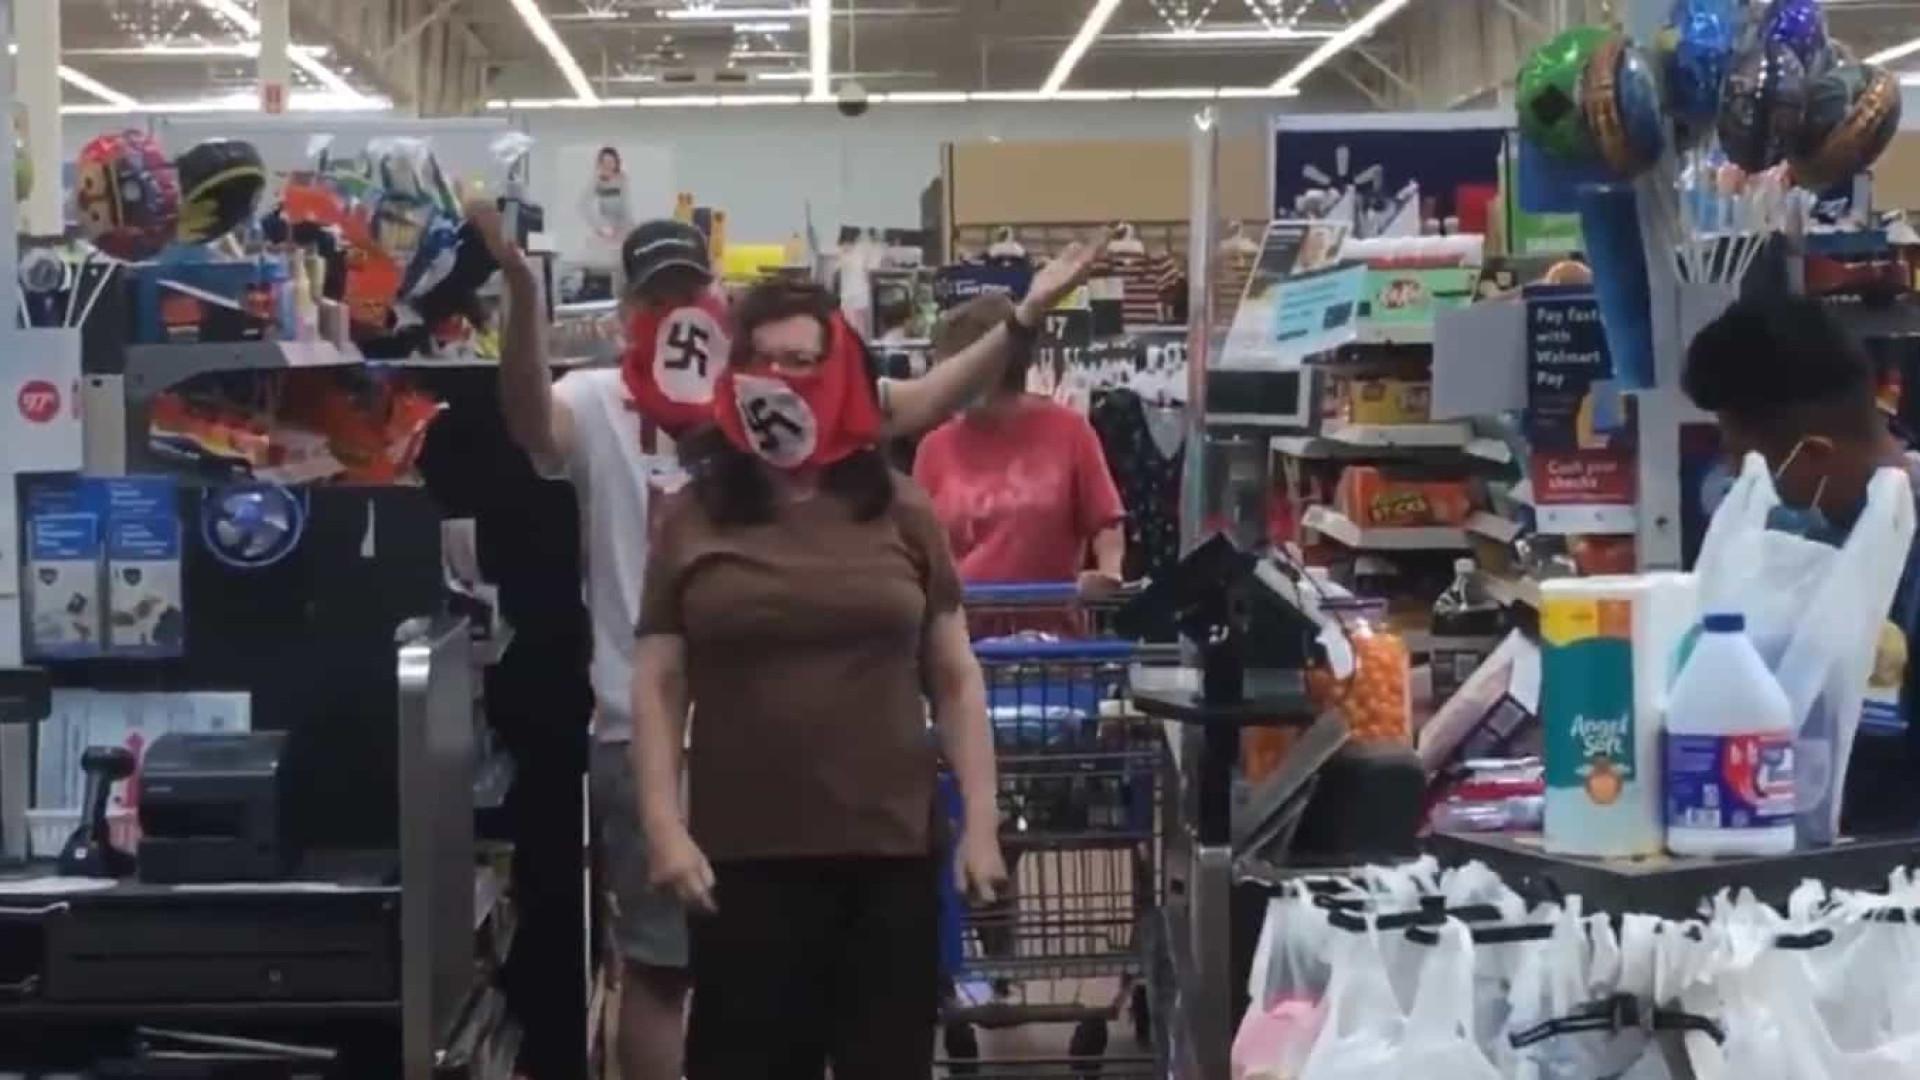 Casal insatisfeito com restrições usa máscara nazi e é banido de hiper